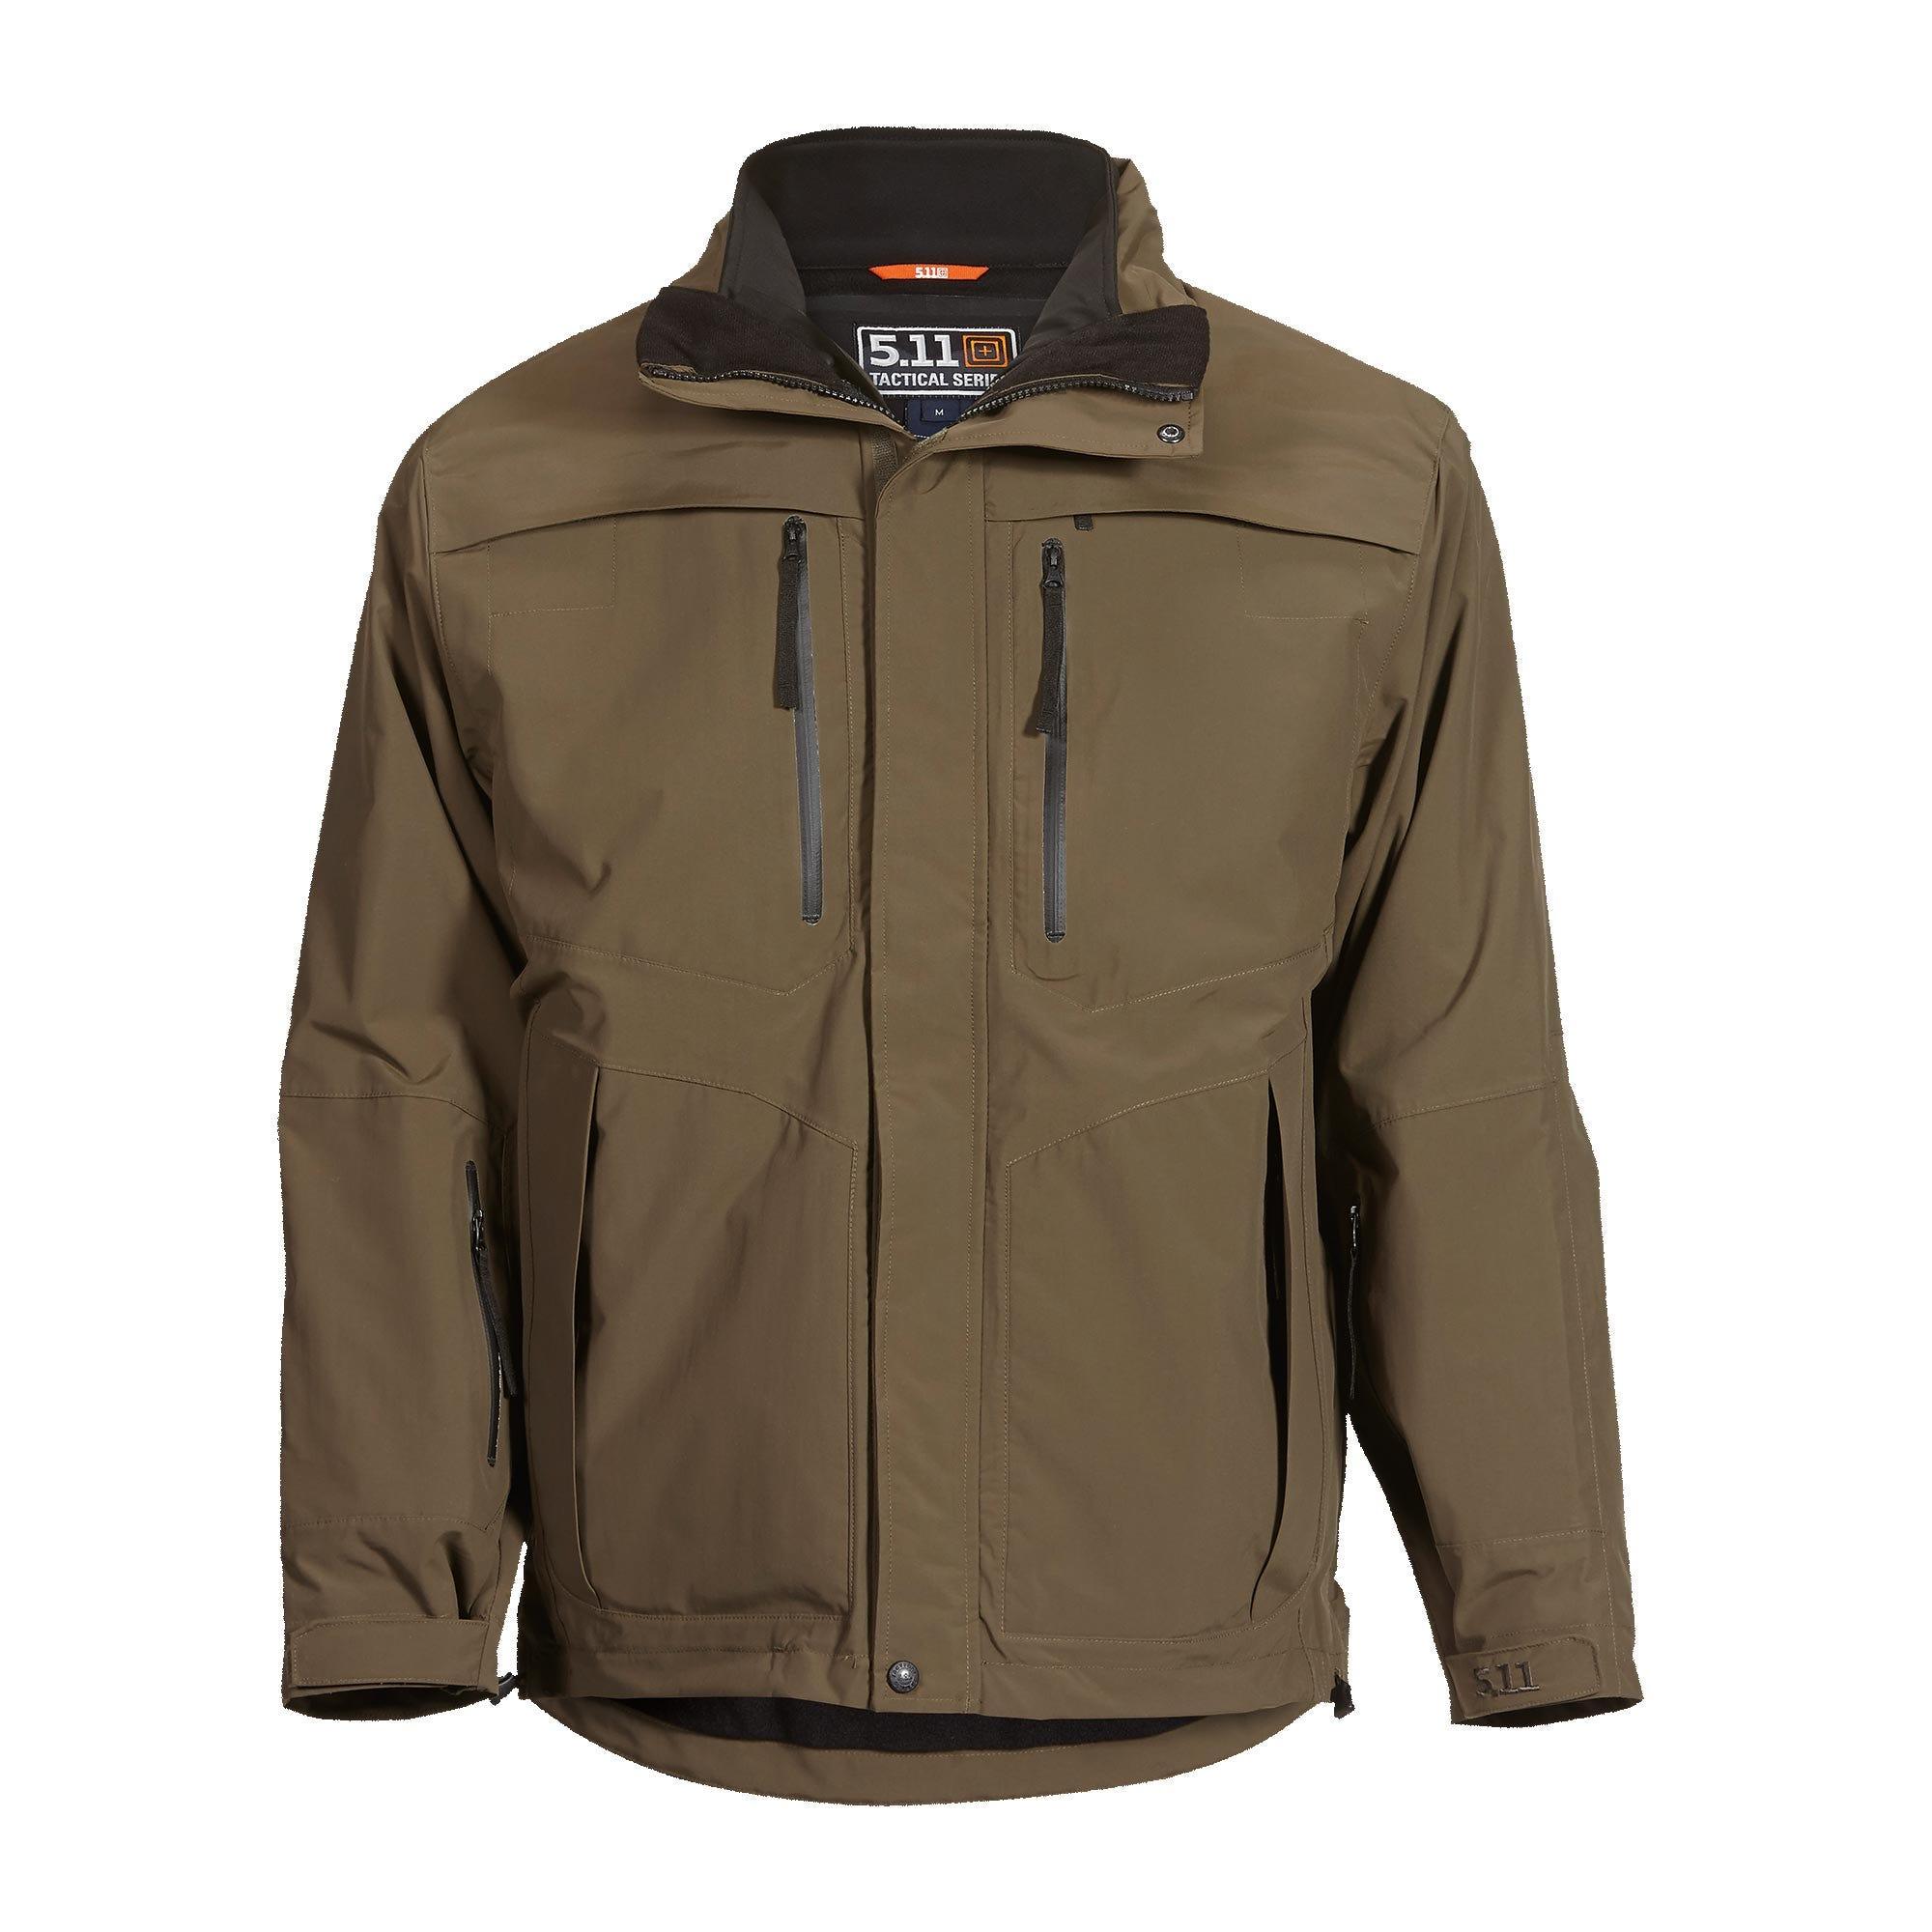 5.11 Tactical Men's Bristol Parka Jacket (Green)